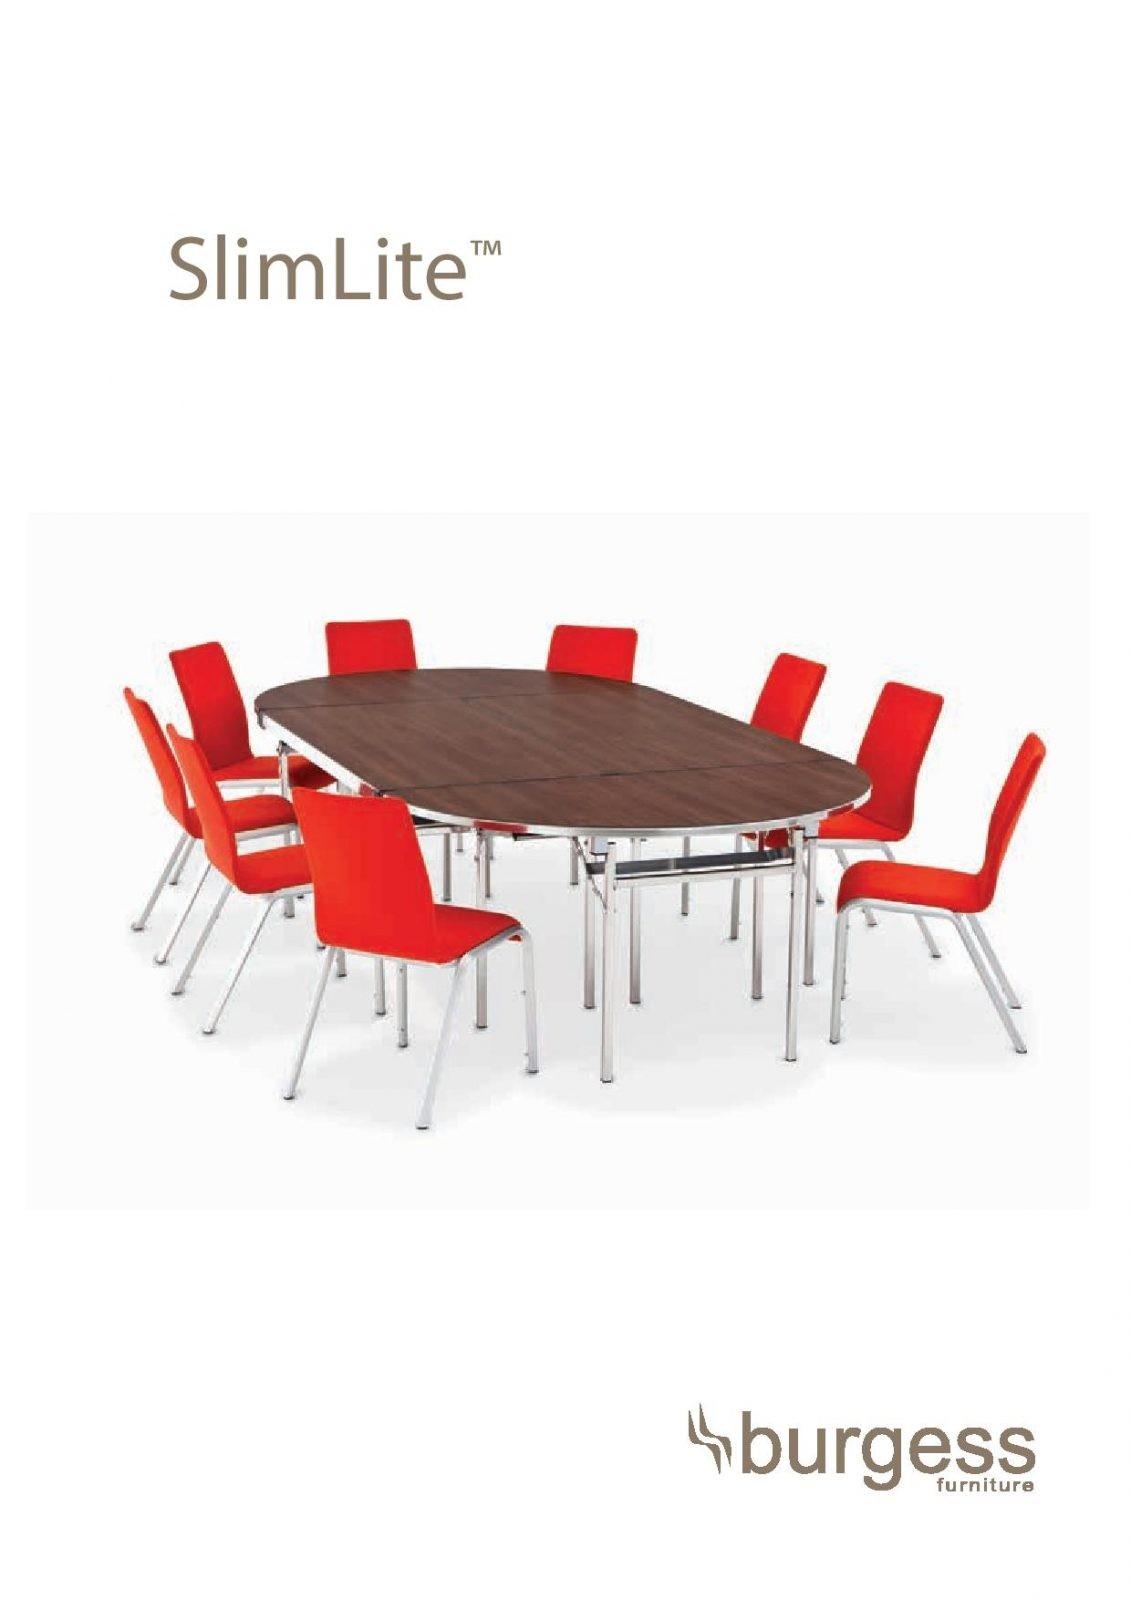 שולחנות לארועים דגם SLIMELITE